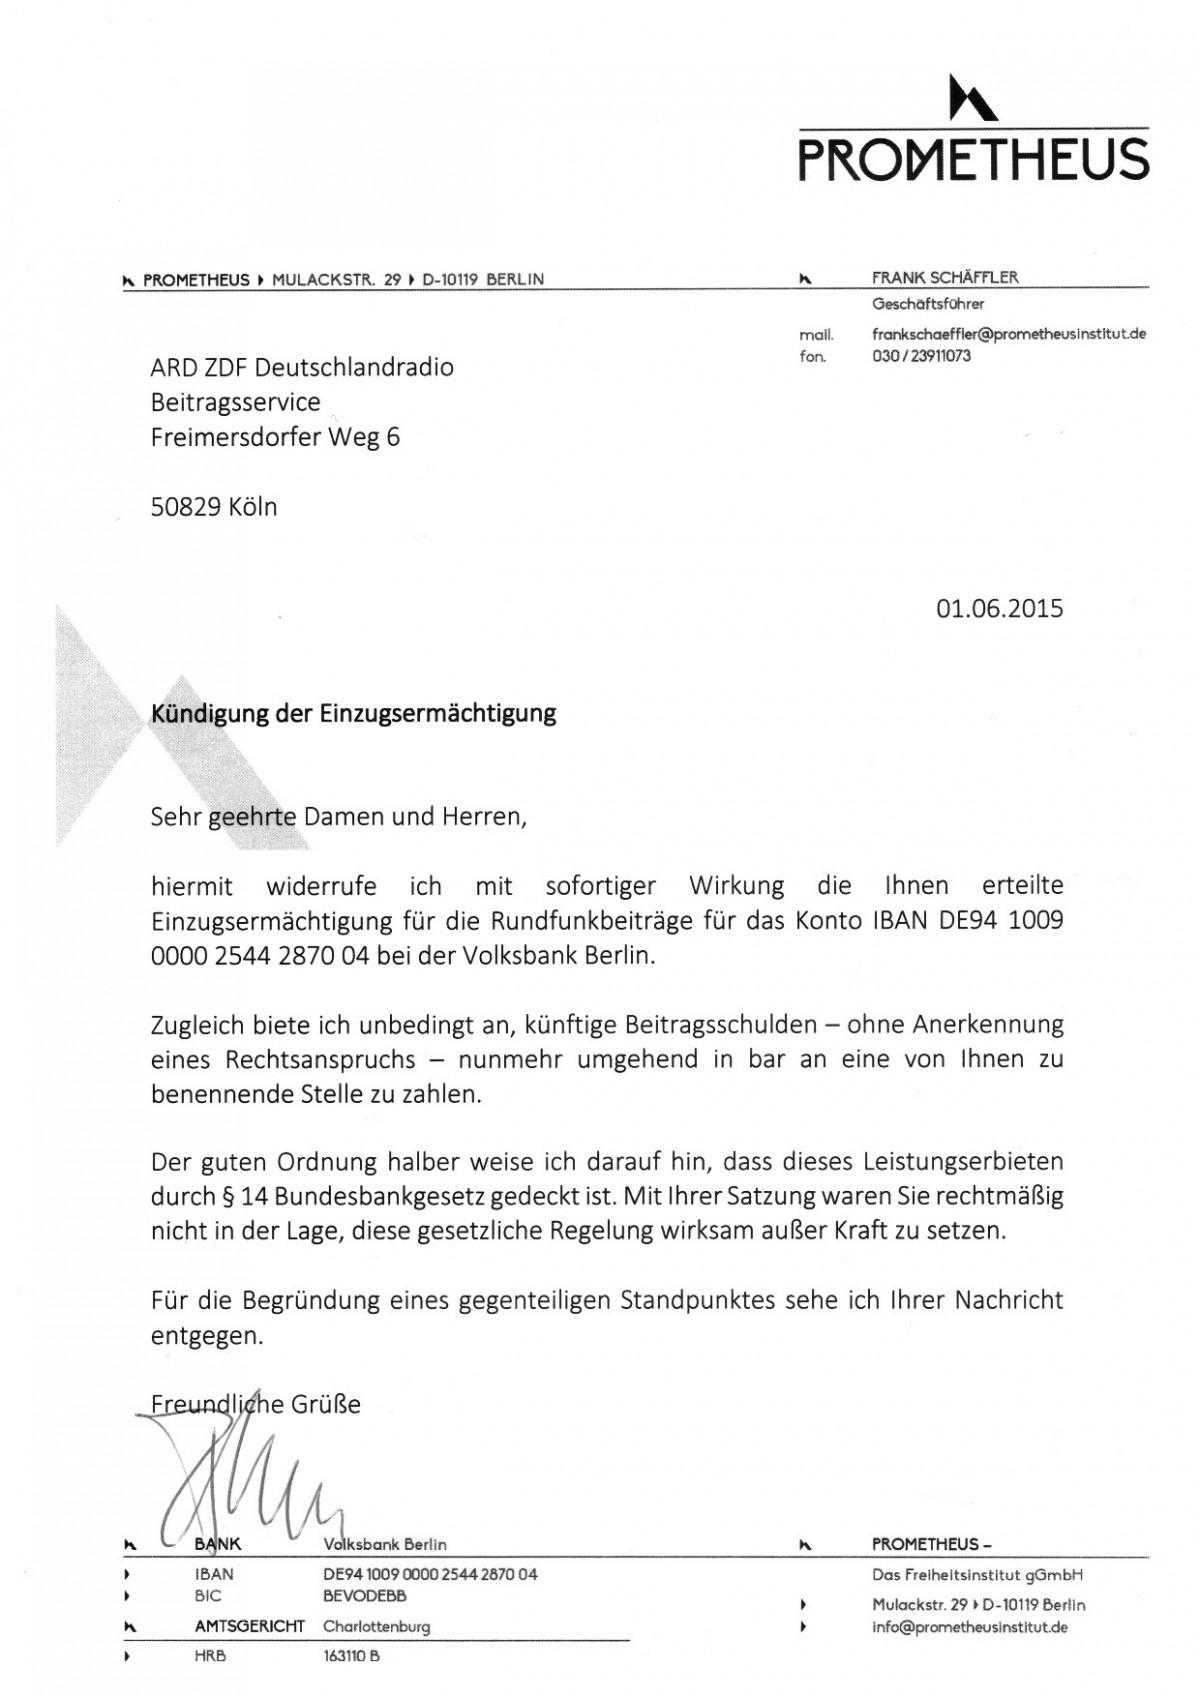 http://zwangsbeitrag.info/wp-content/uploads/2015/06/K%C3%BCndigung-e1433341383925.jpeg